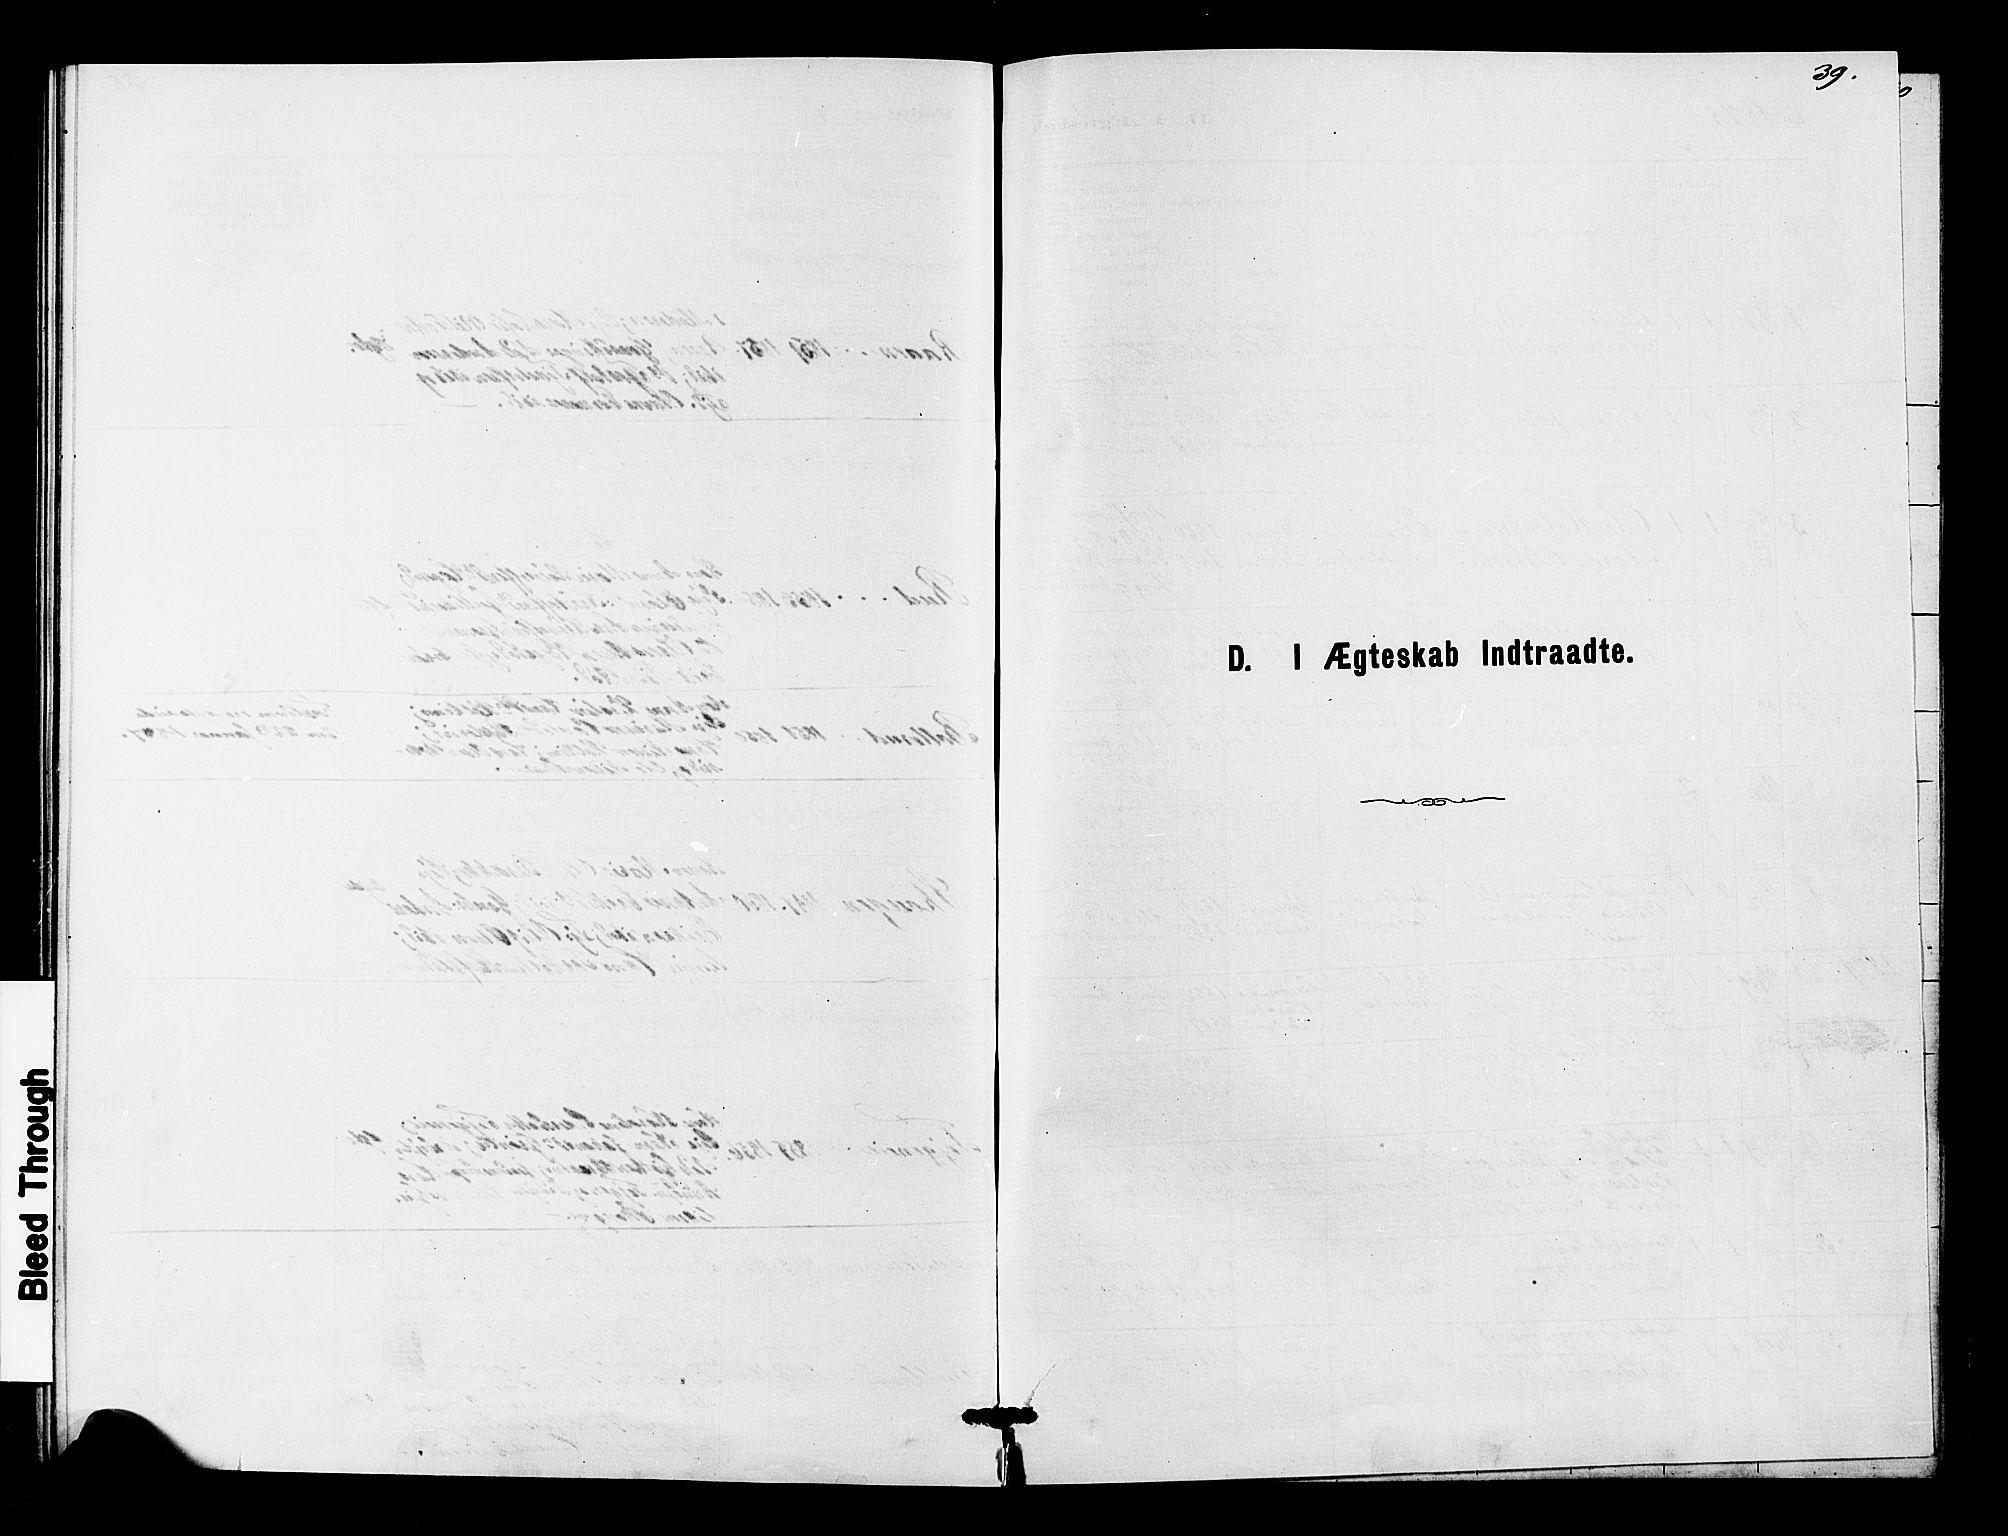 SAKO, Fiskum kirkebøker, G/Ga/L0004: Klokkerbok nr. 4, 1878-1887, s. 39